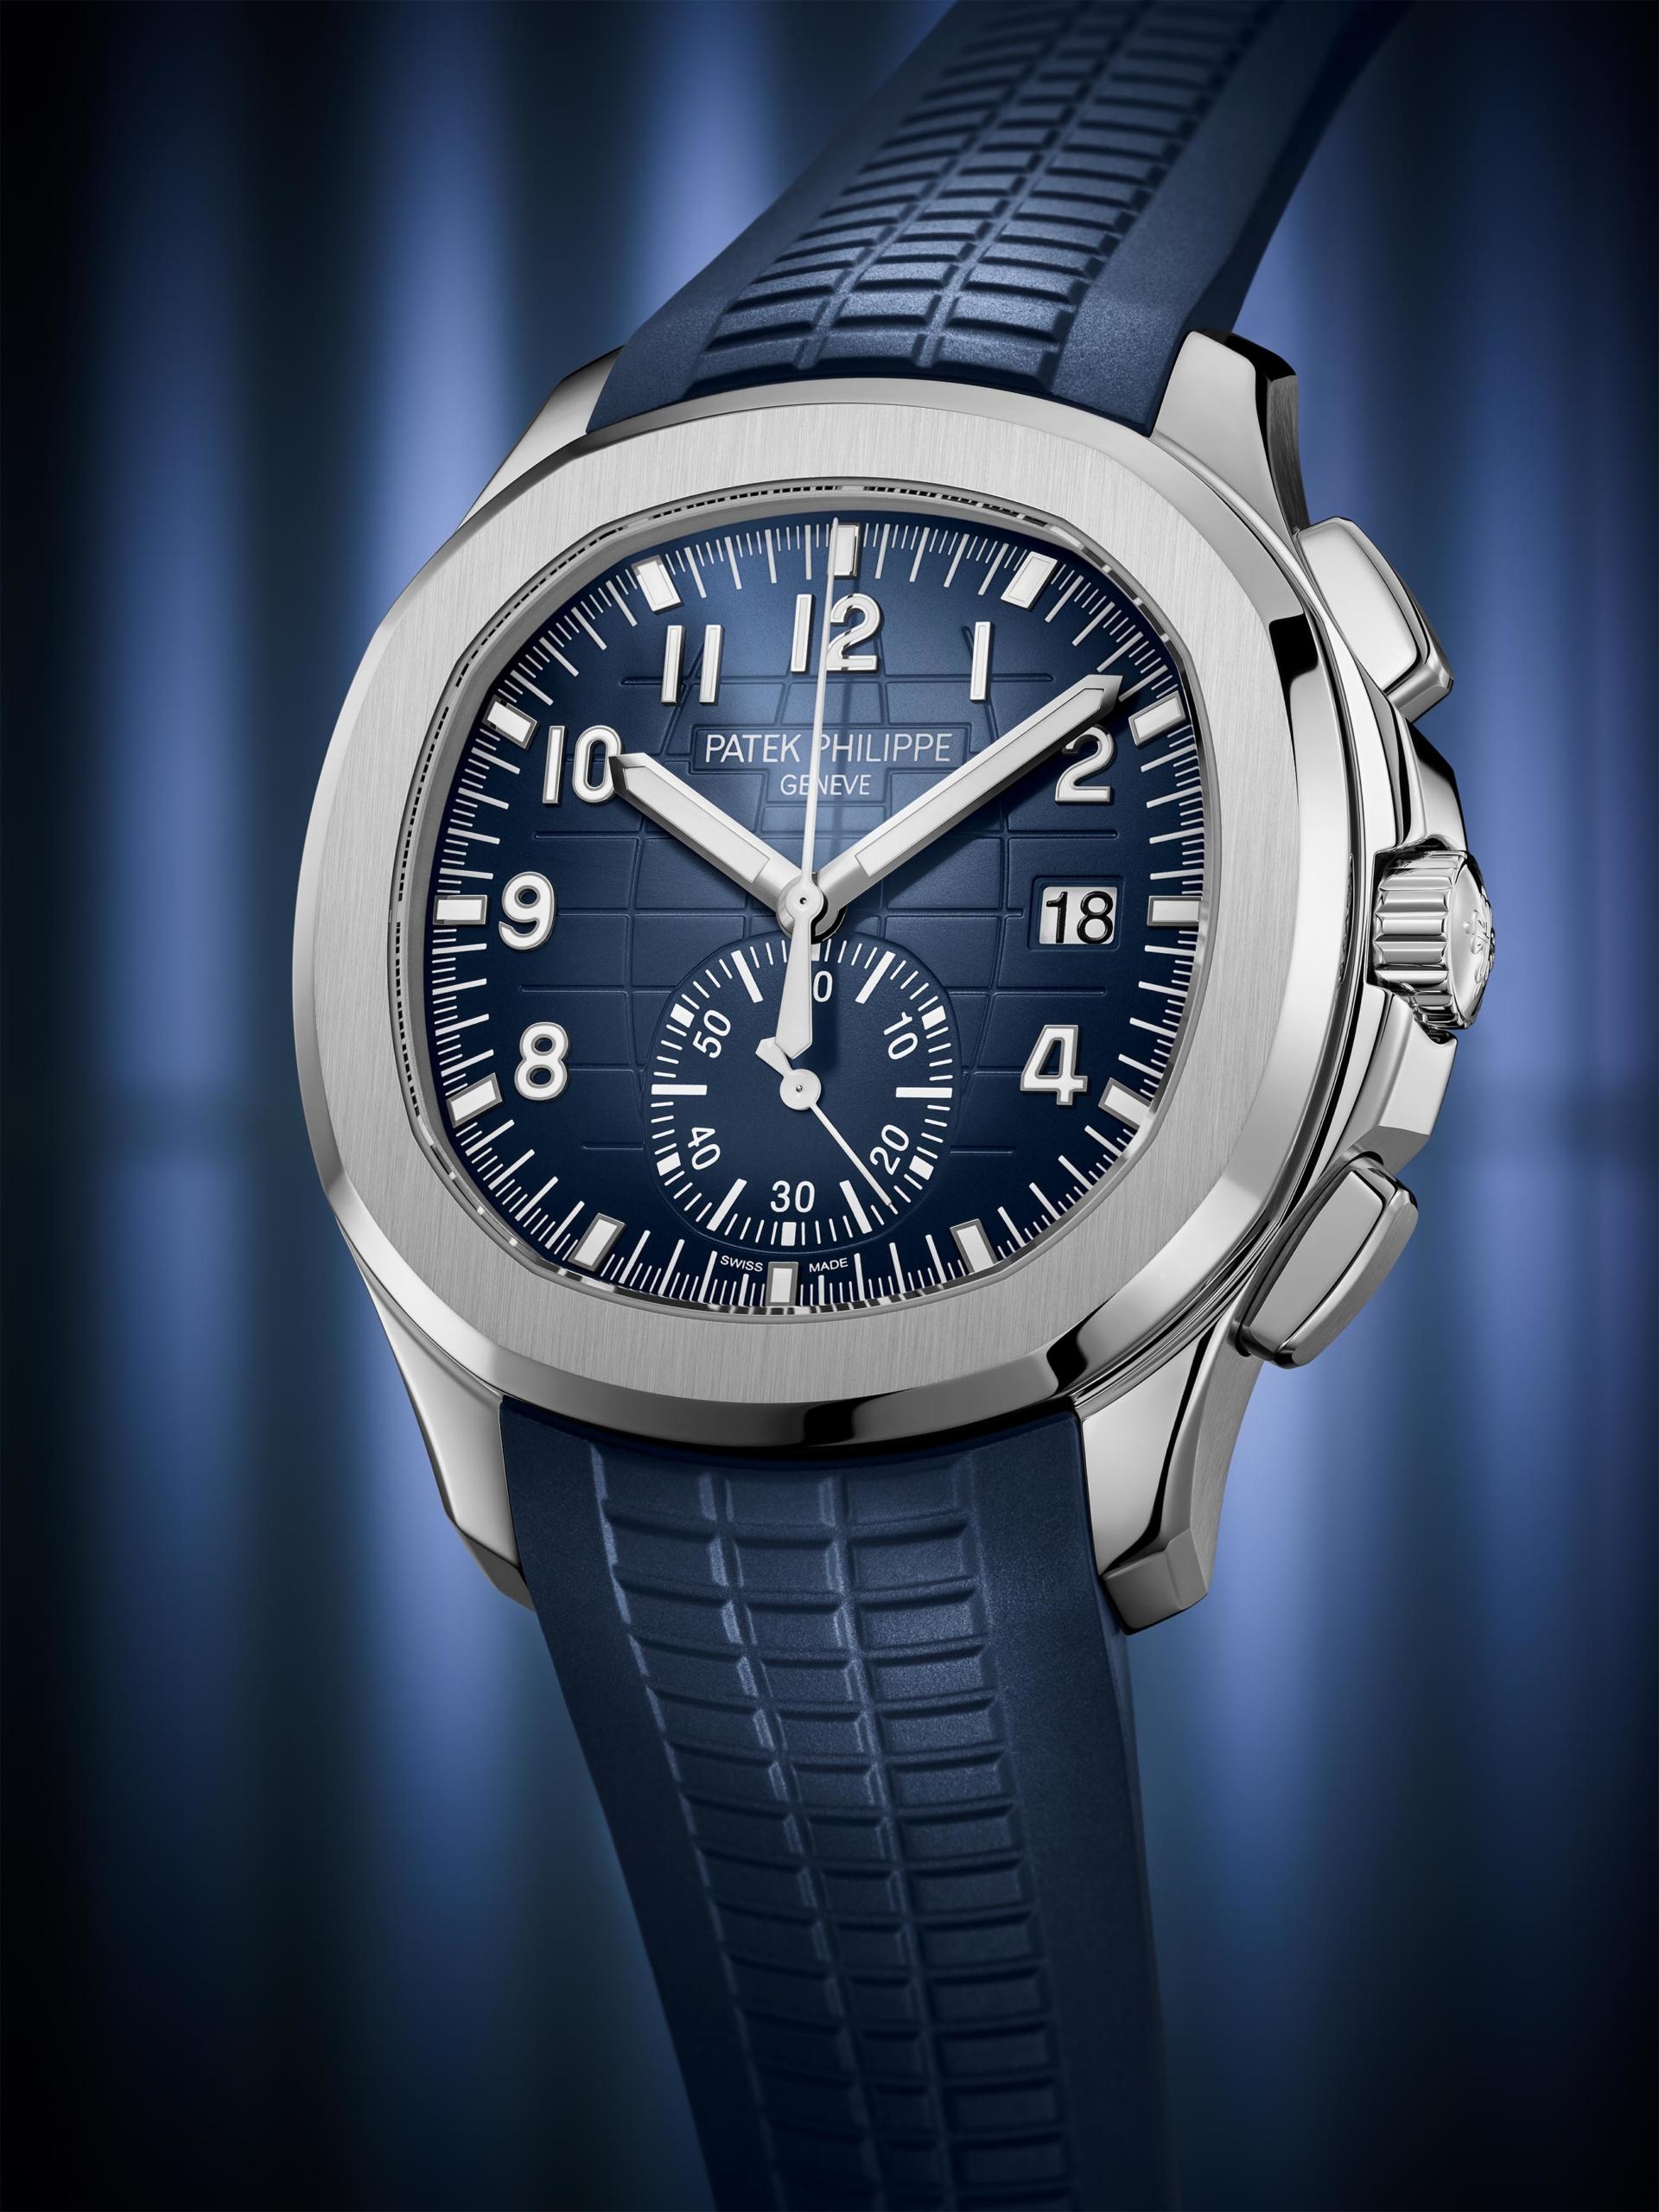 Patek Philippe Aquanaut Chronograph